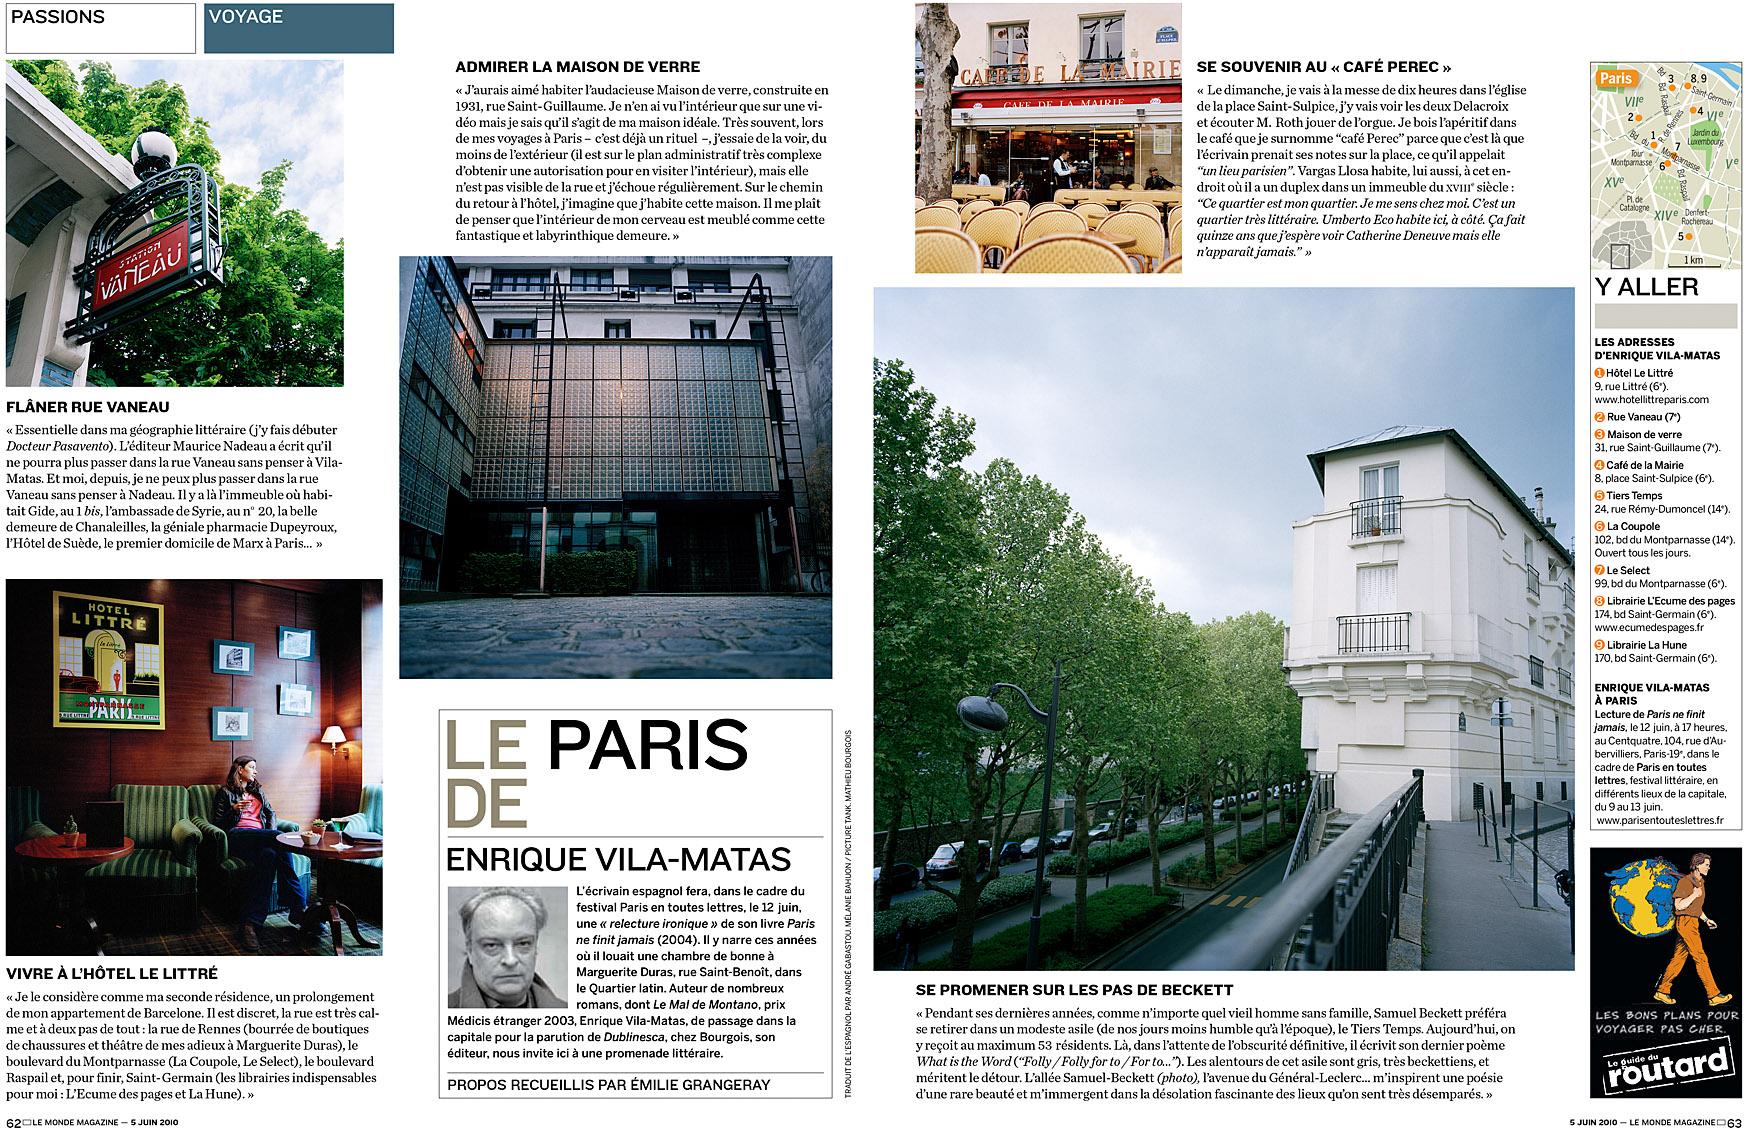 Le Monde Magazine du 5 juin 2010.